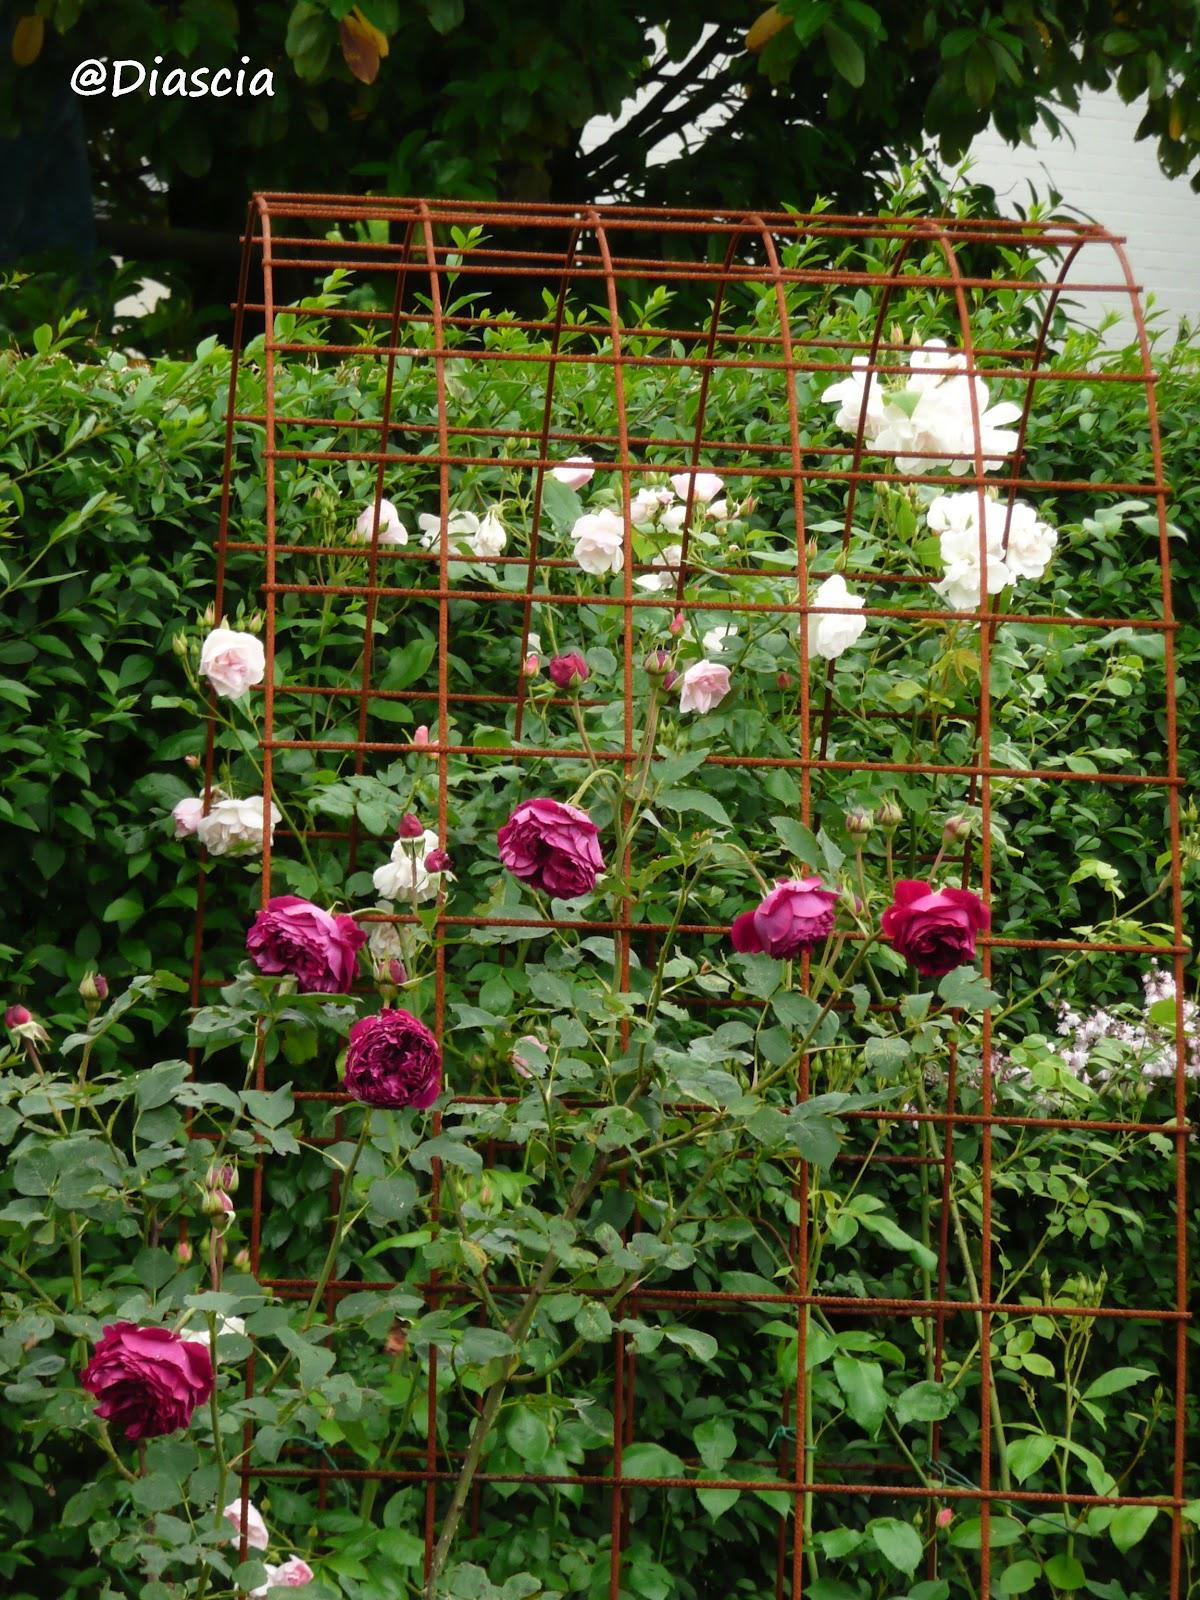 Le Jardin De Diascia Structures En Fer A Beton